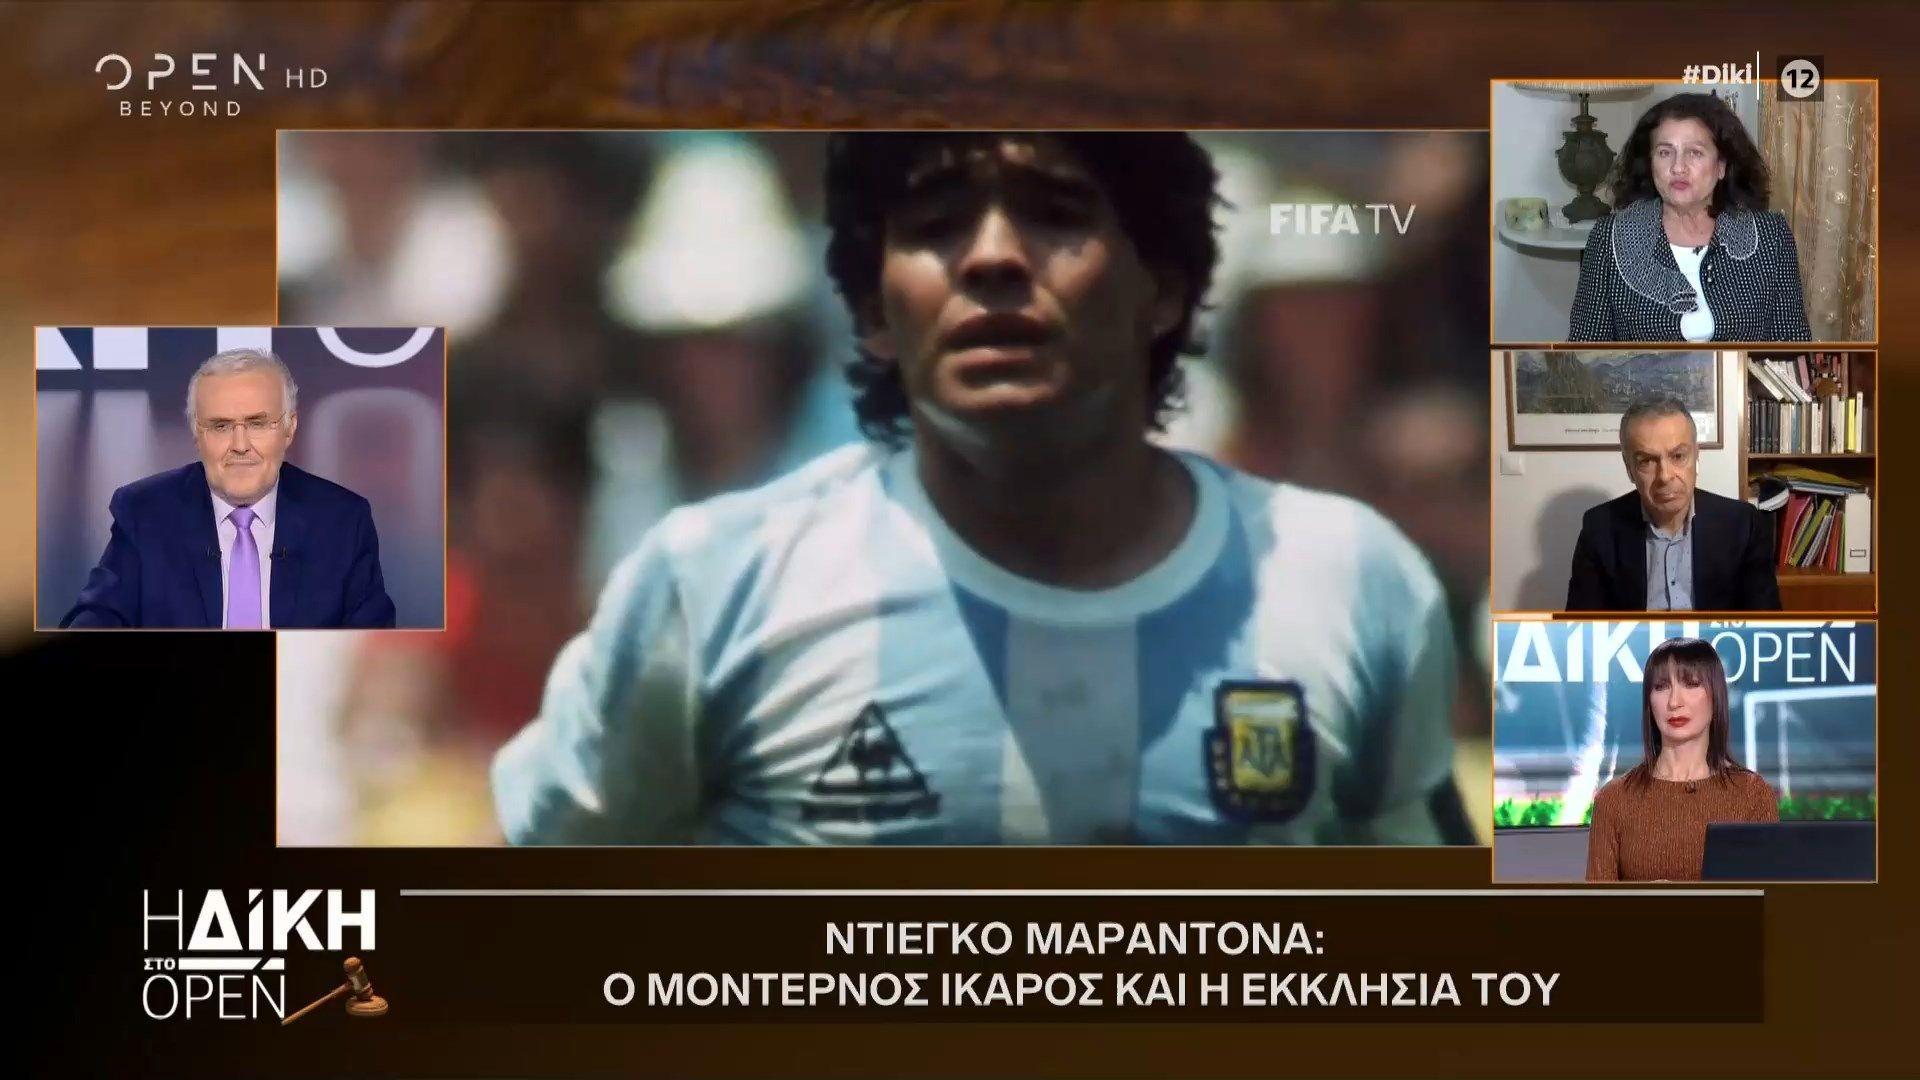 Ο Ντιέγκο Μαραντόνα ως κοινωνικό φαινόμενο (video)